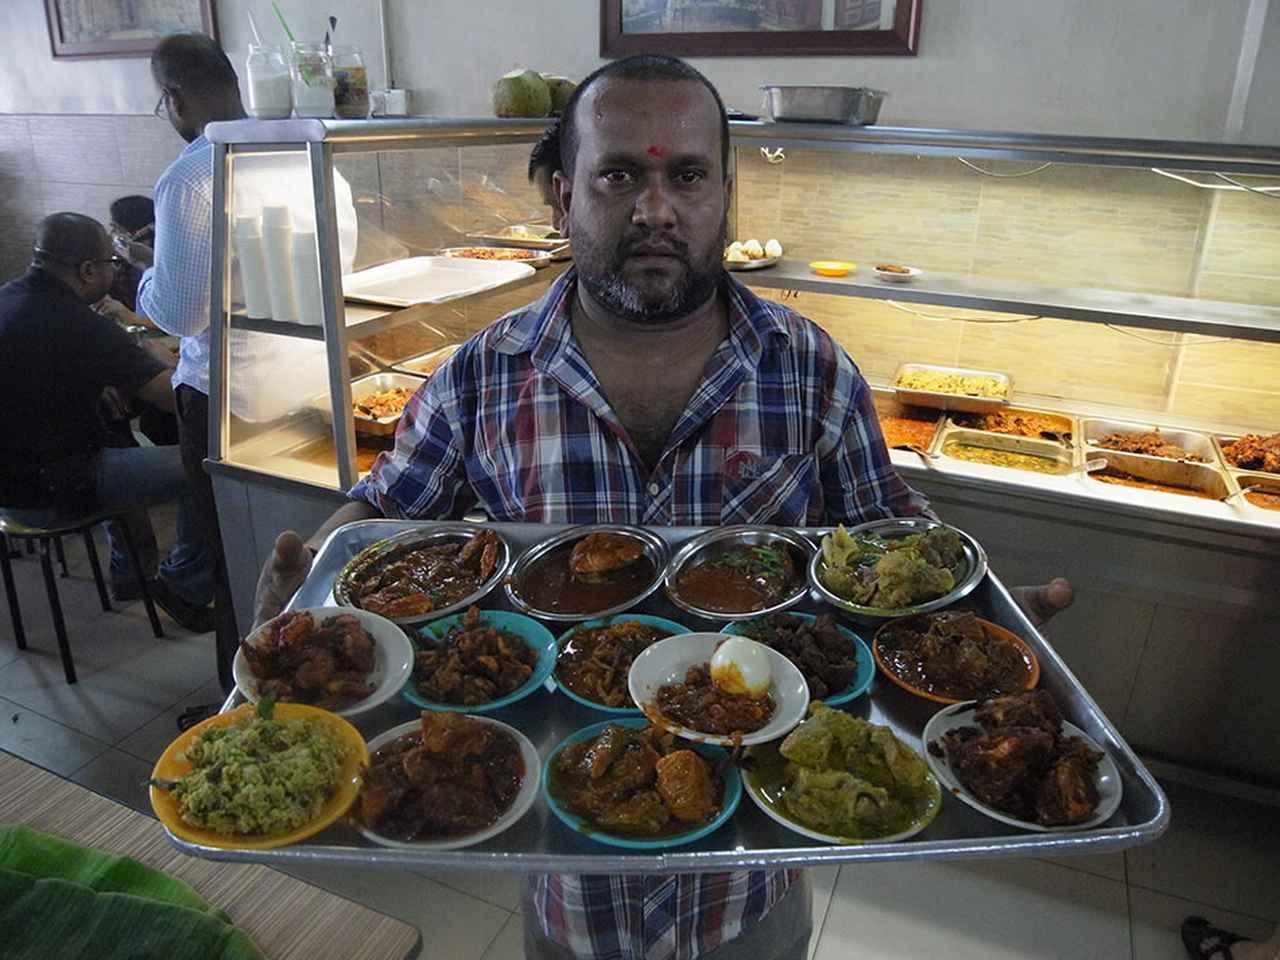 画像: クアランプールのチェティナード料理専門店では、30種類以上の多彩なメニューに出会うことができた